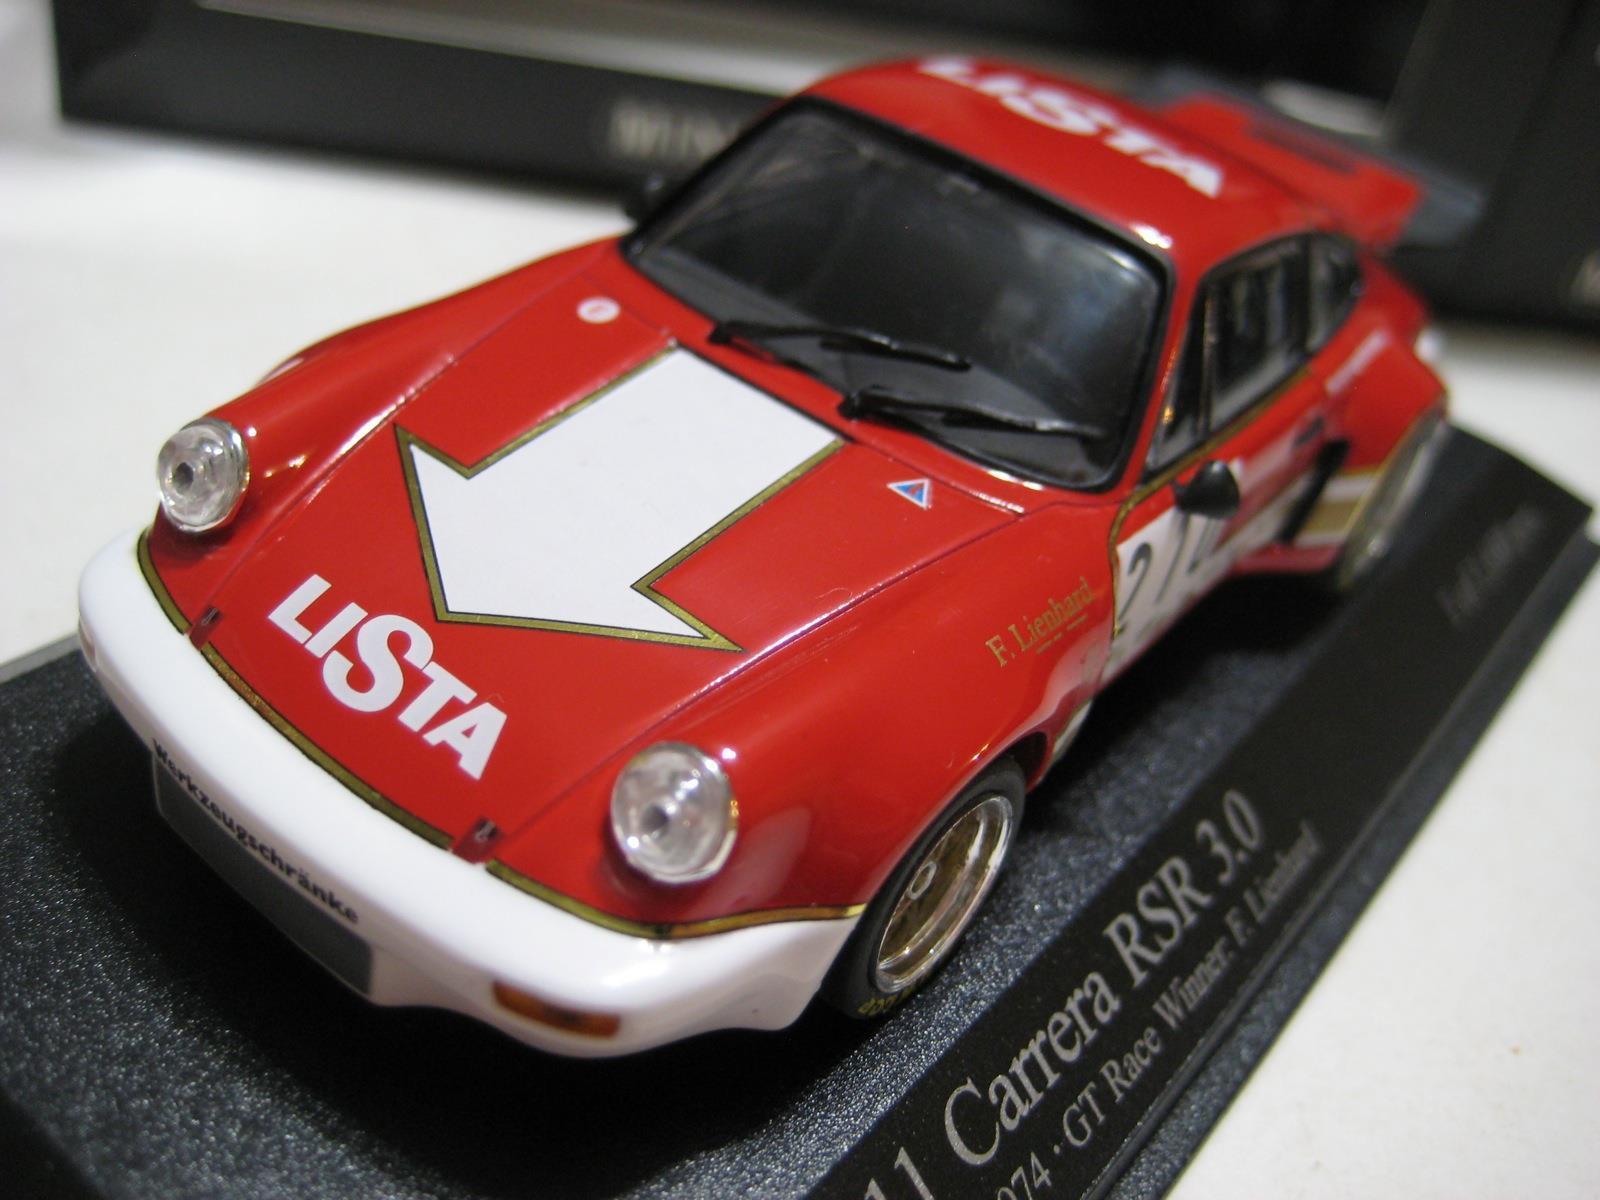 Paul's Model Art Porsche Carrera RSR Uomogen Airfield Races GT Race Winner 1974